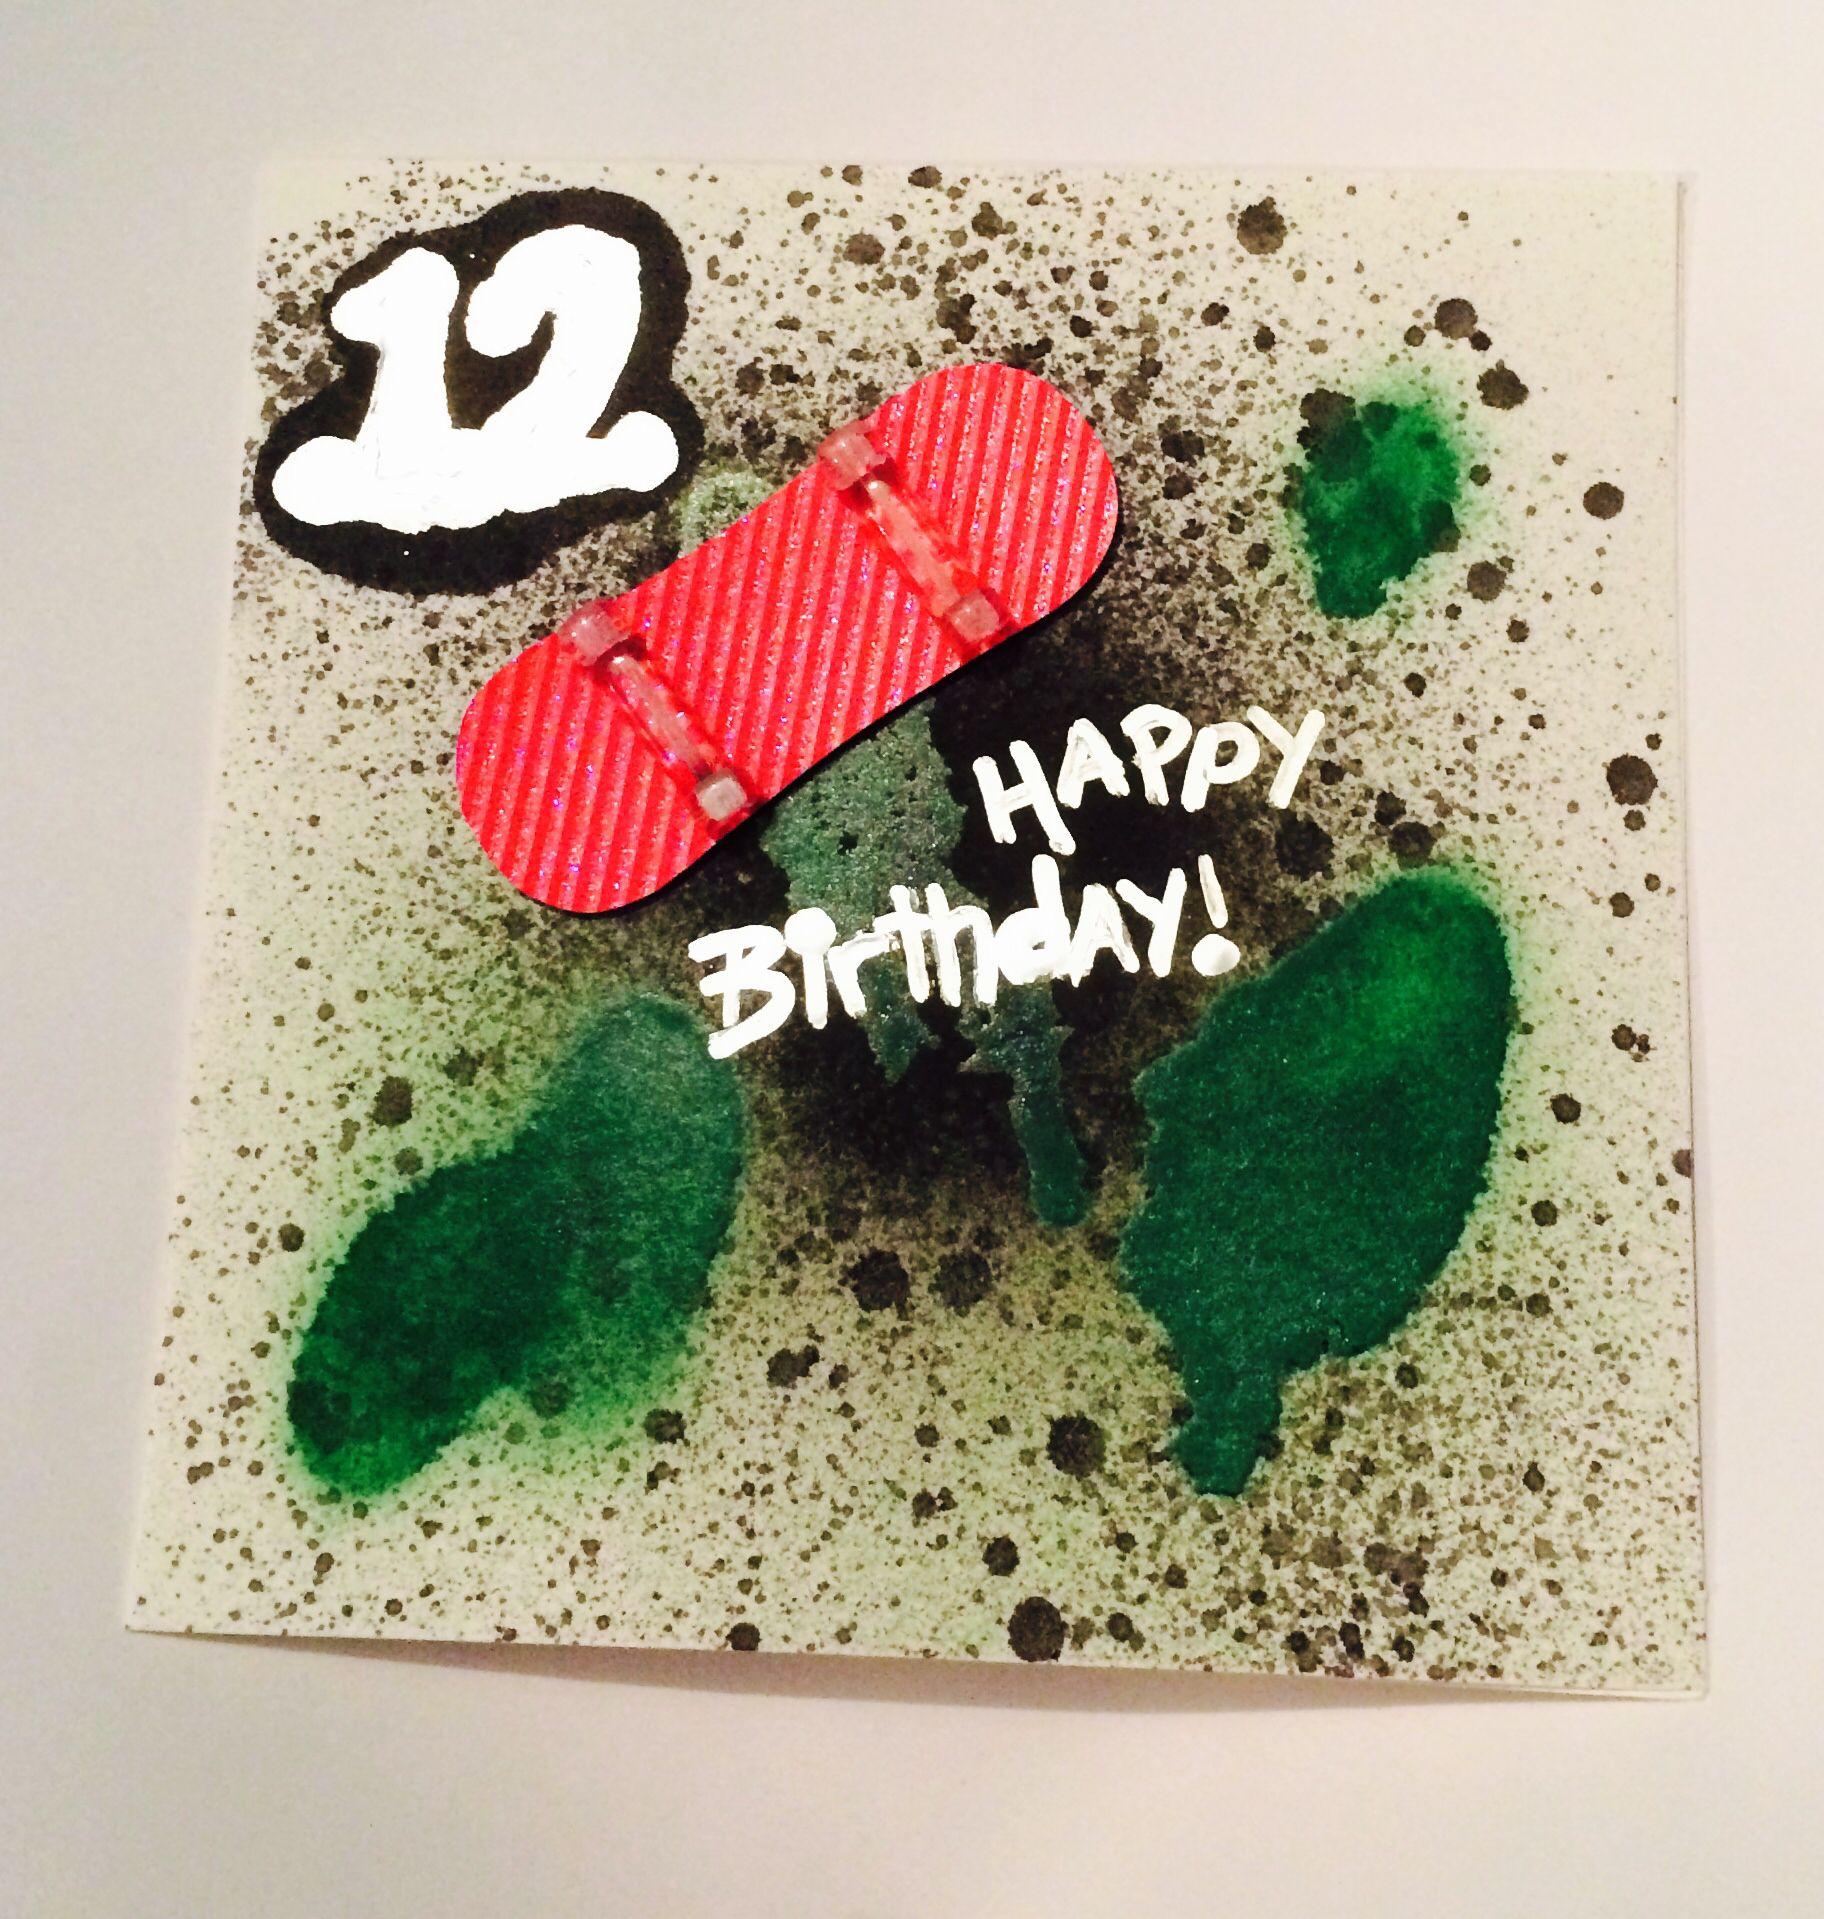 Skate Board Graffiti 12 Year Old Boys Birthday Card Birthday Cards For Boys Birthday Cards Cards